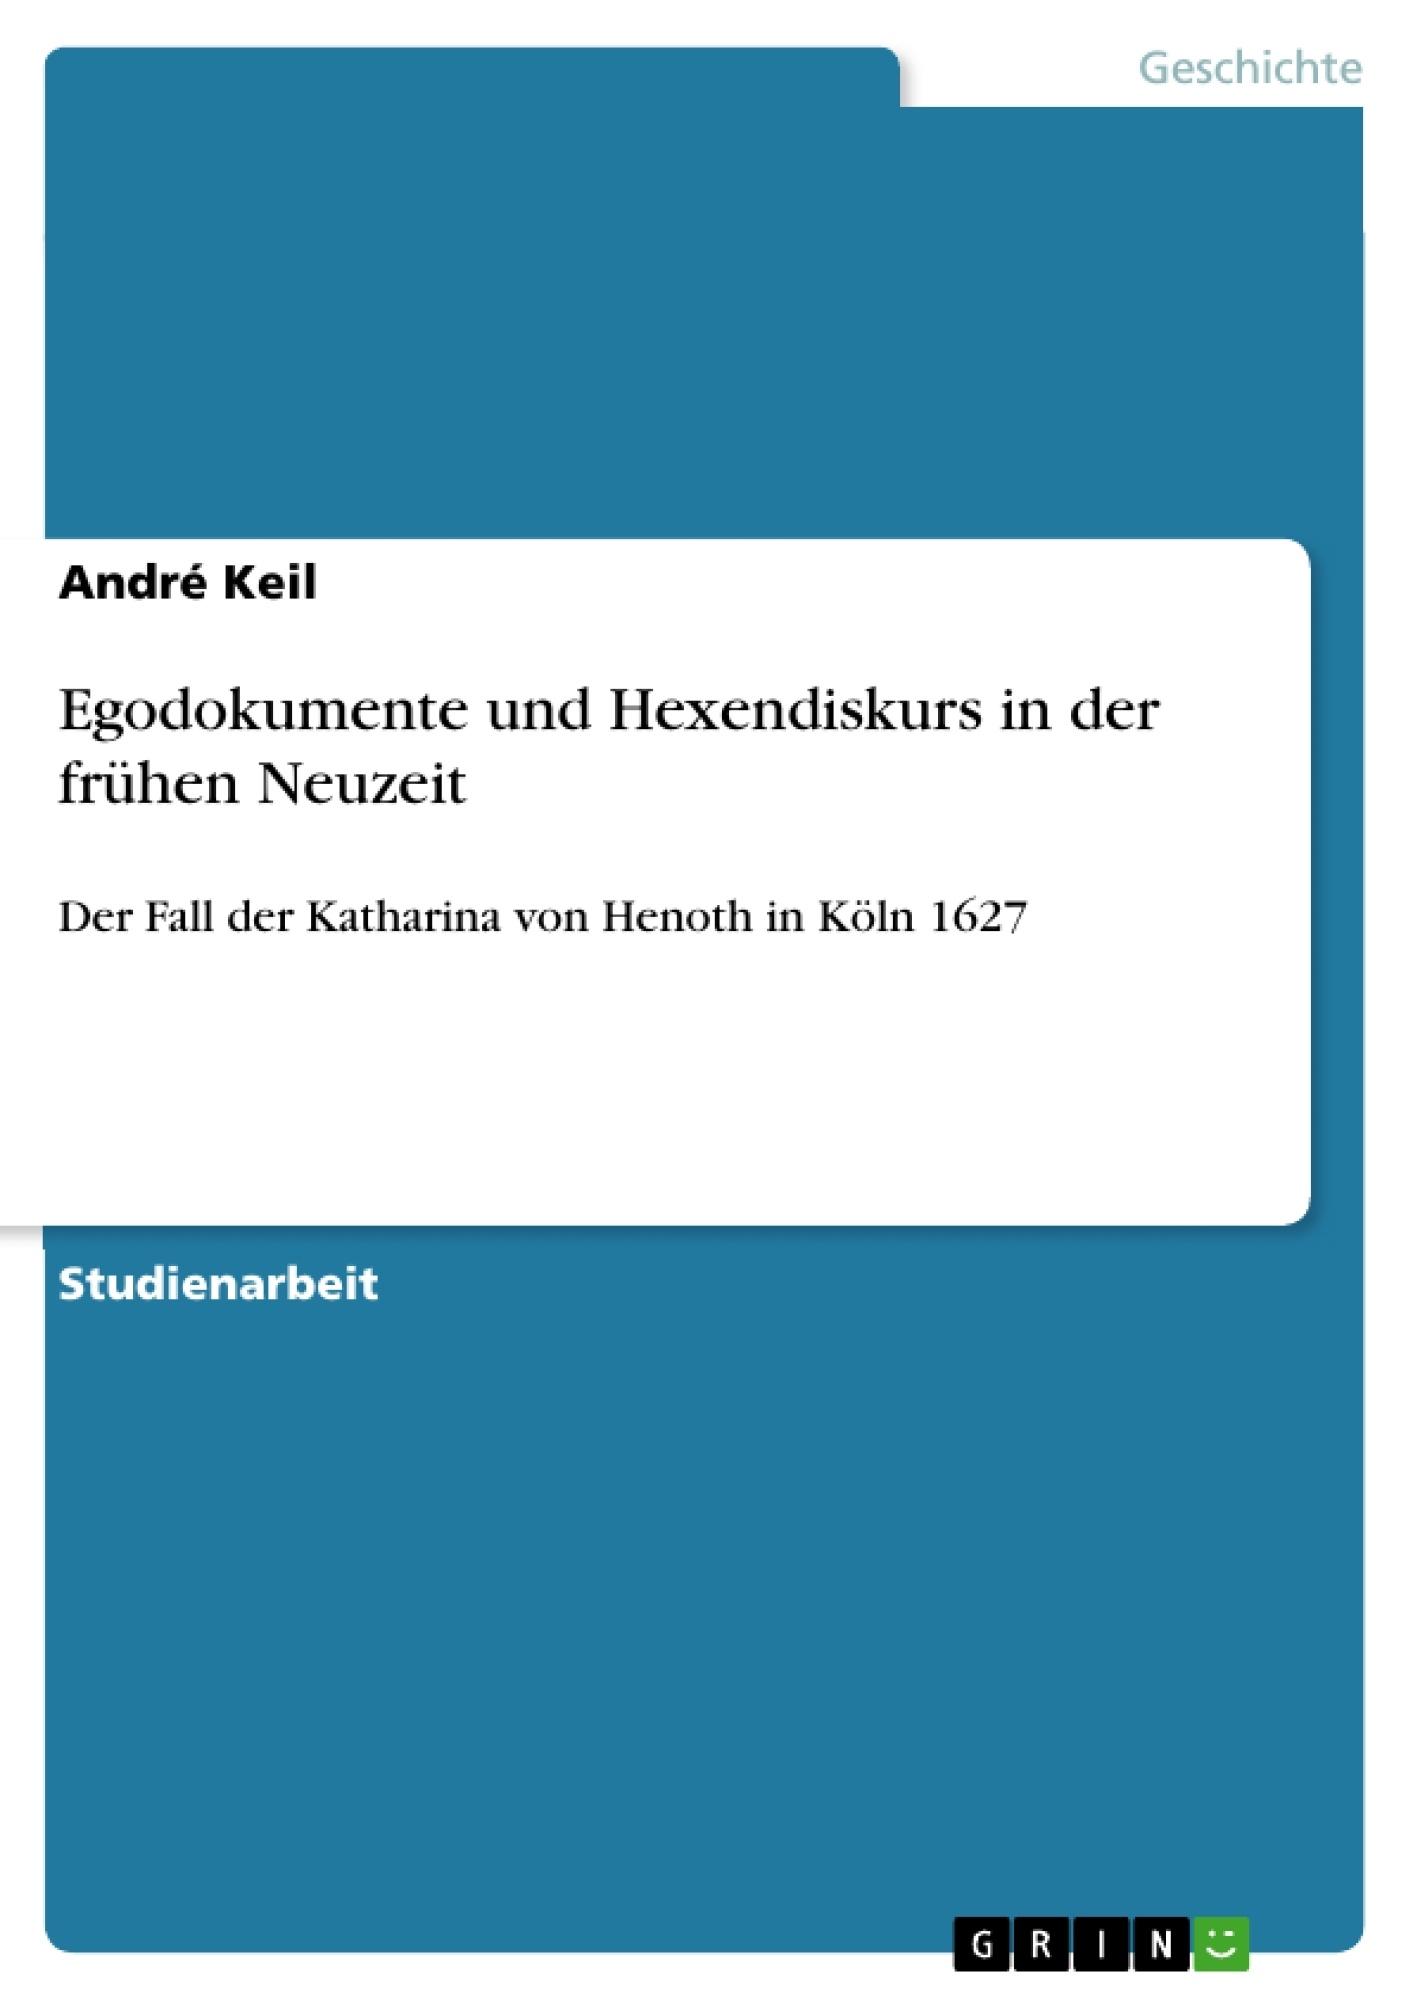 Titel: Egodokumente und Hexendiskurs in der frühen Neuzeit